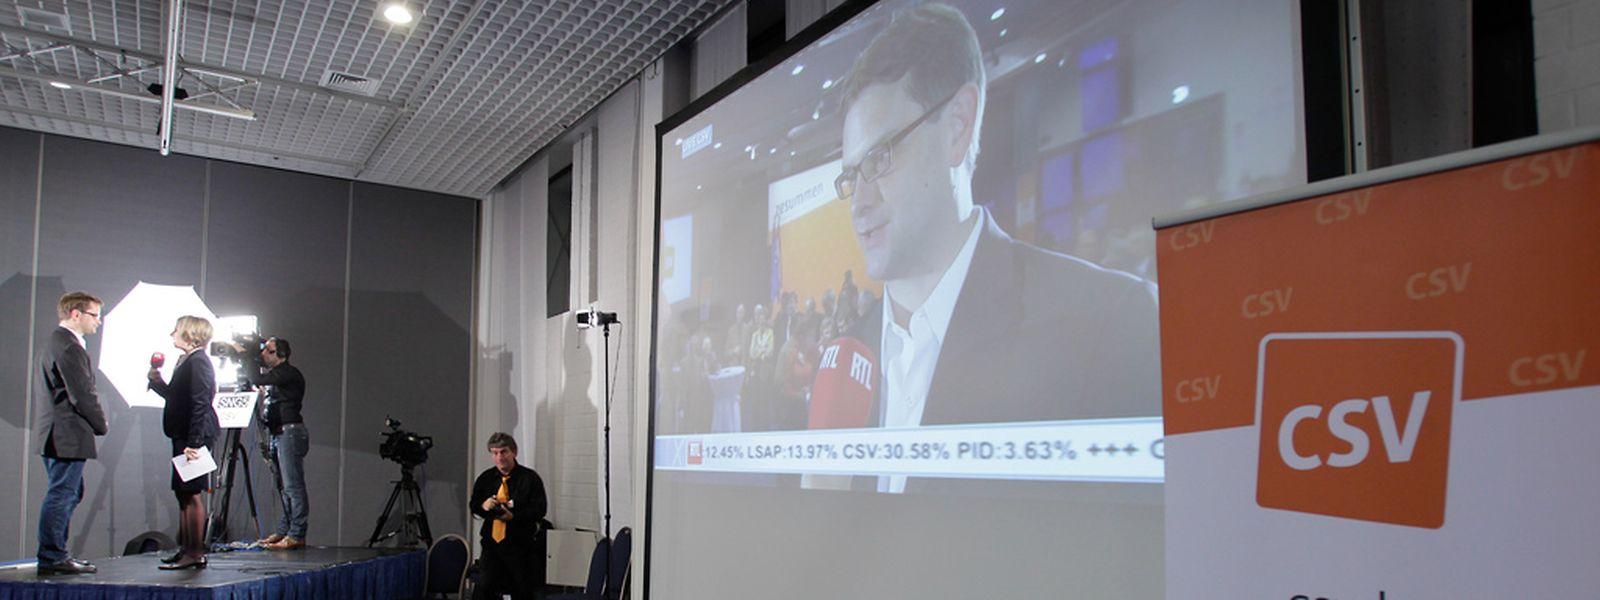 Bei den Wahlen im Oktober 2013 büßte die CSV drei Sitze ein. Laut Umfrage könnte sie heute in allen Bezirken einen Sitz hinzugewinnen.